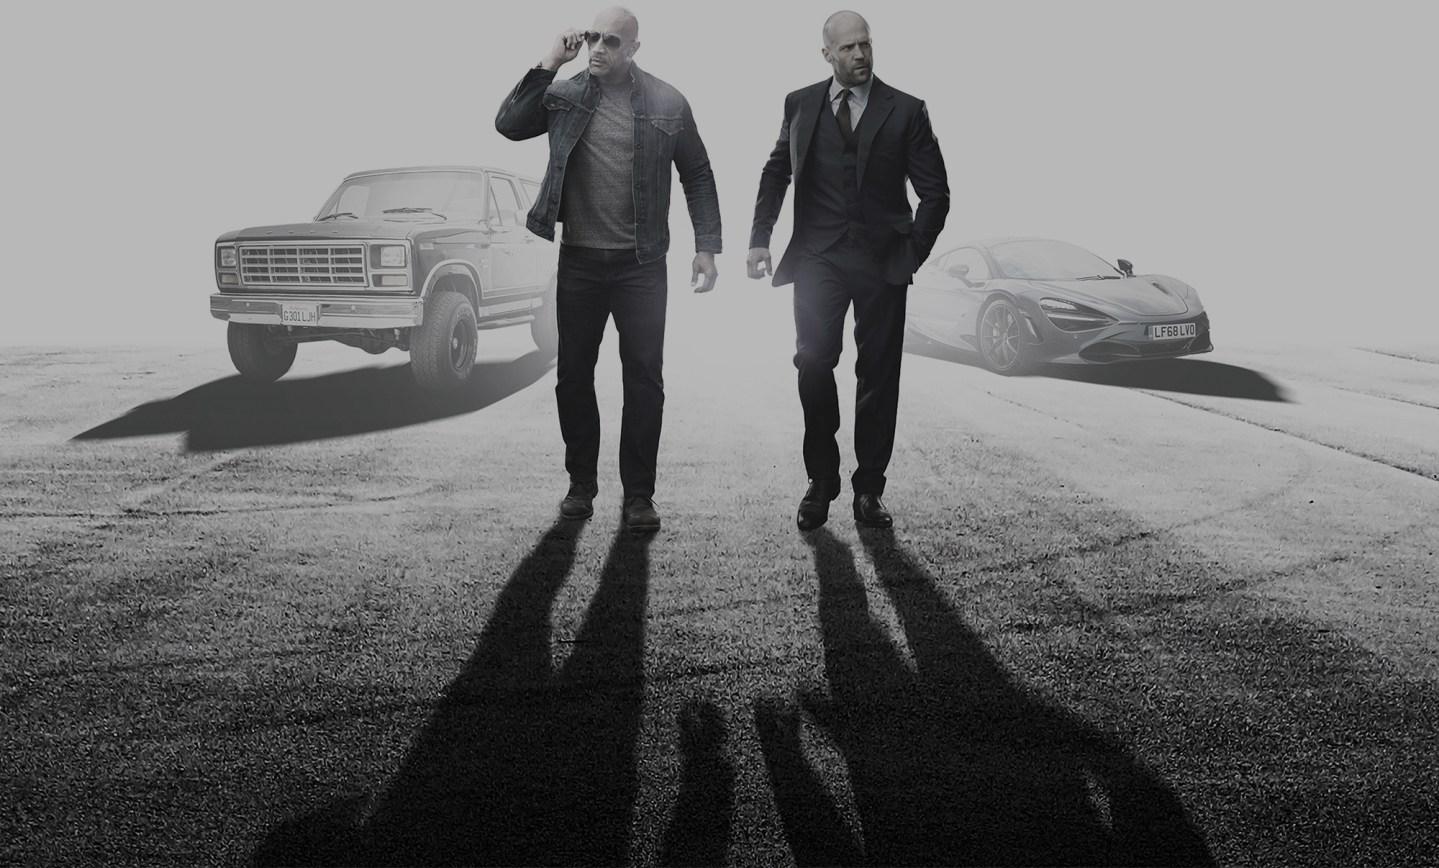 Os filmes de carros que mudaram a história